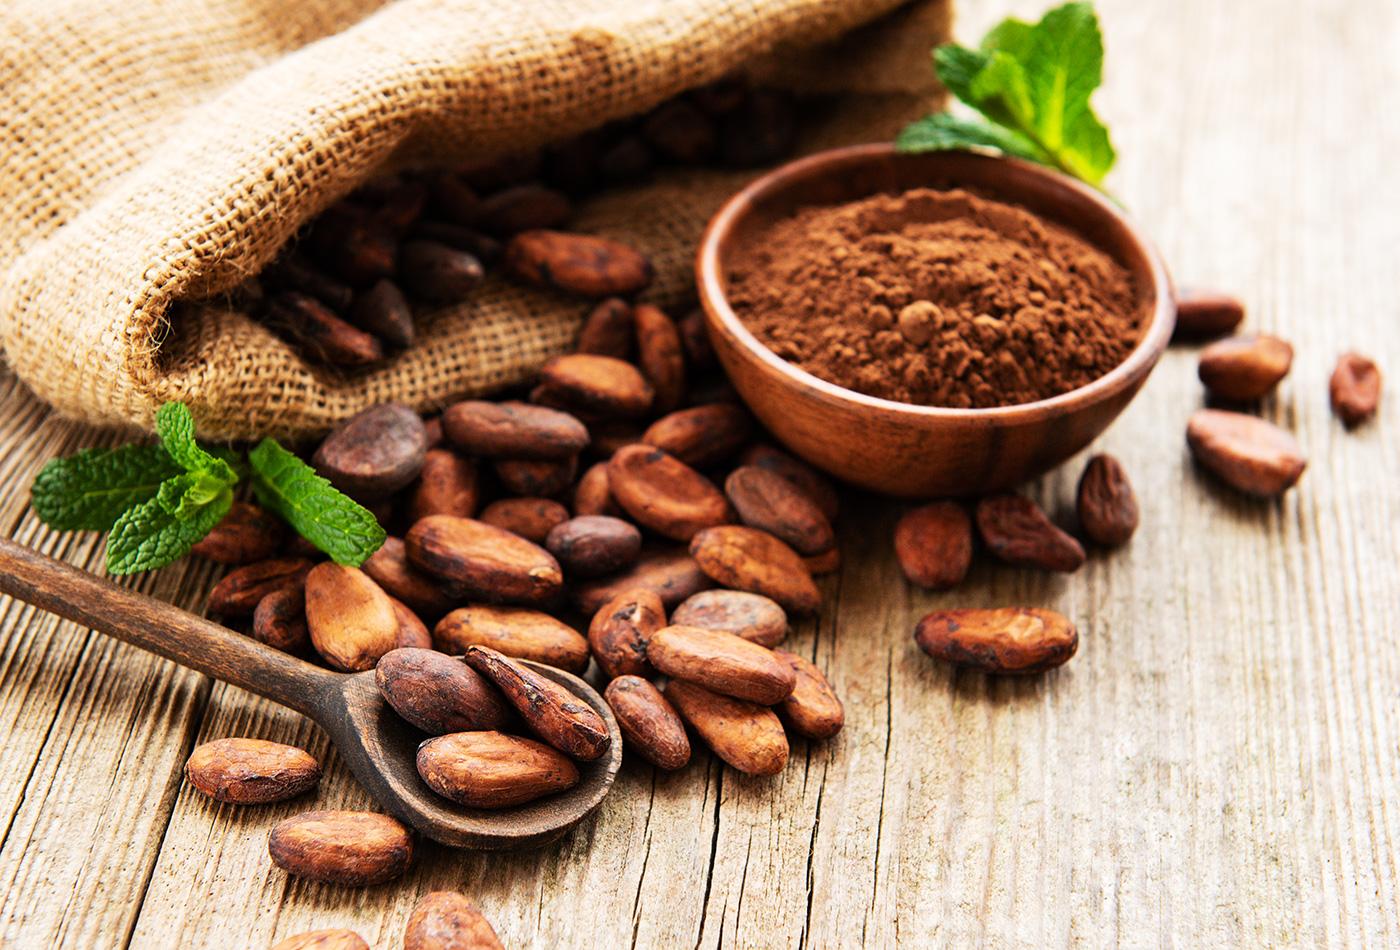 고구마/쌀/콩 3가지 맛 리얼 카카오 초콜릿 세트 상세이미지5